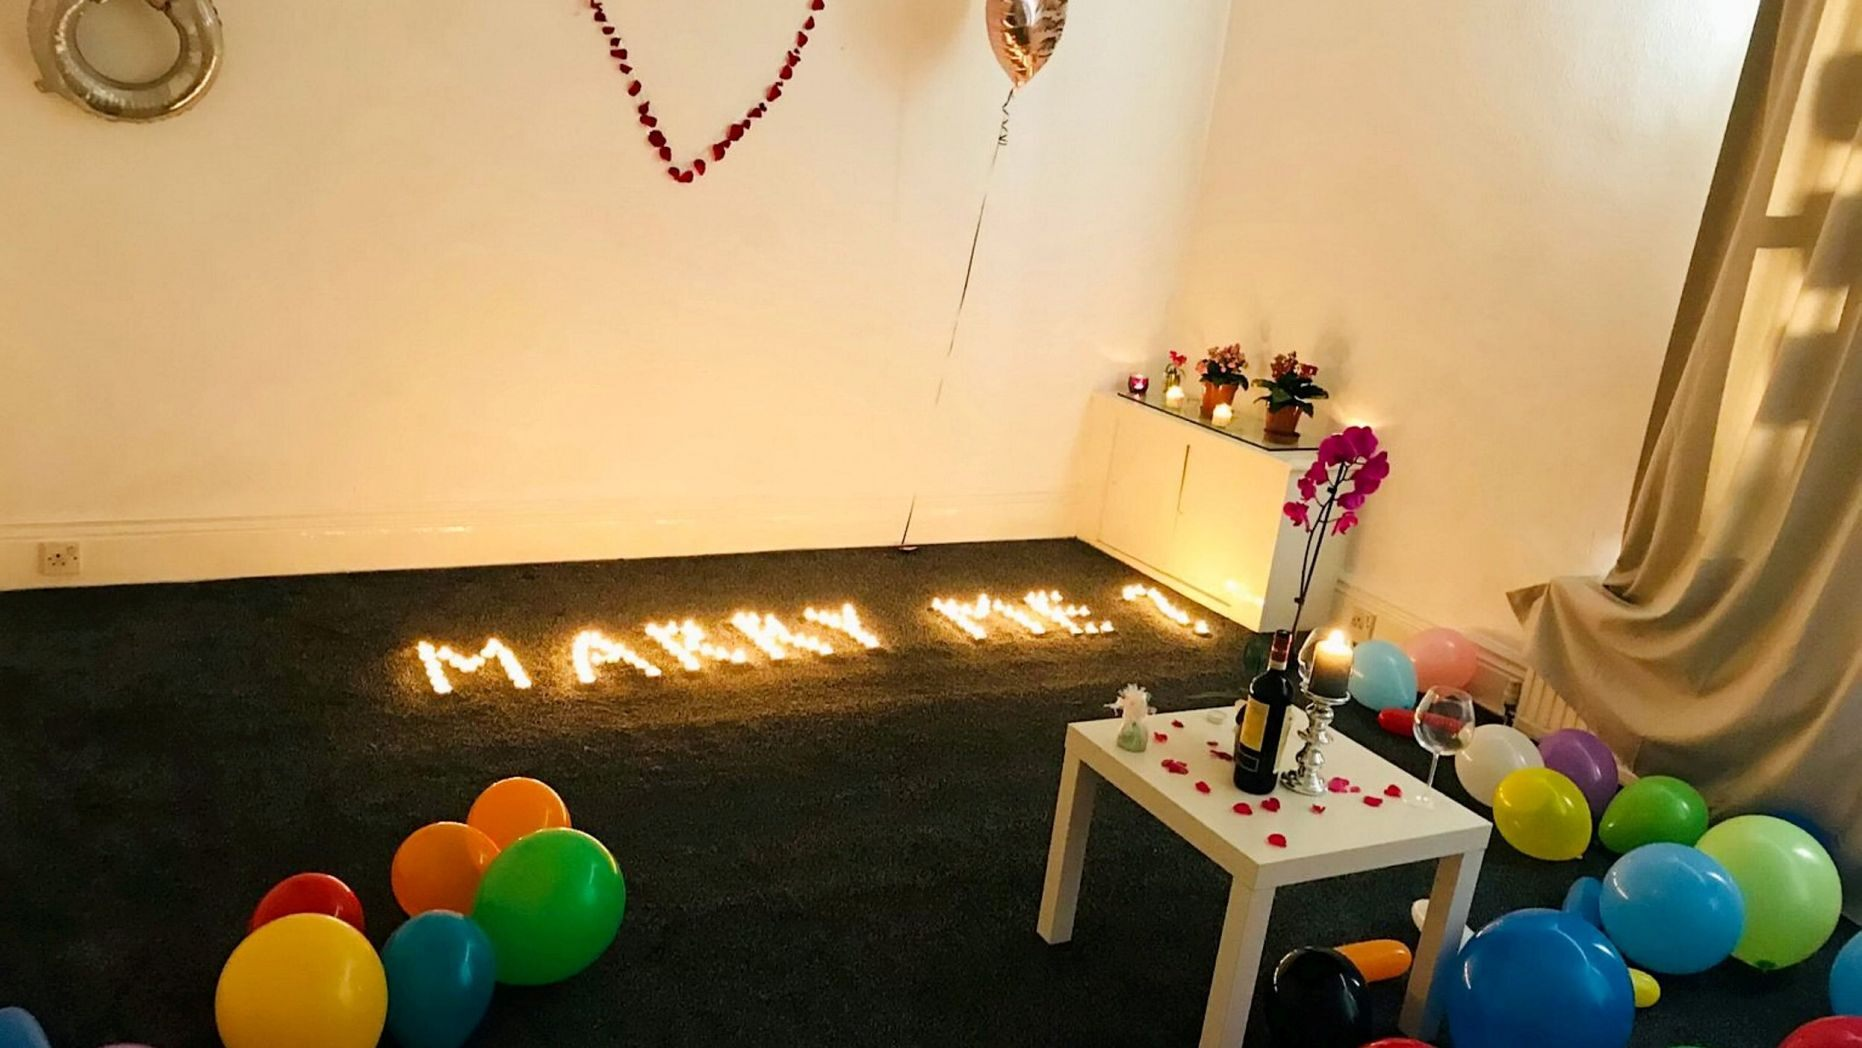 英国男子点数十支蜡烛求婚 意外烧毁公寓